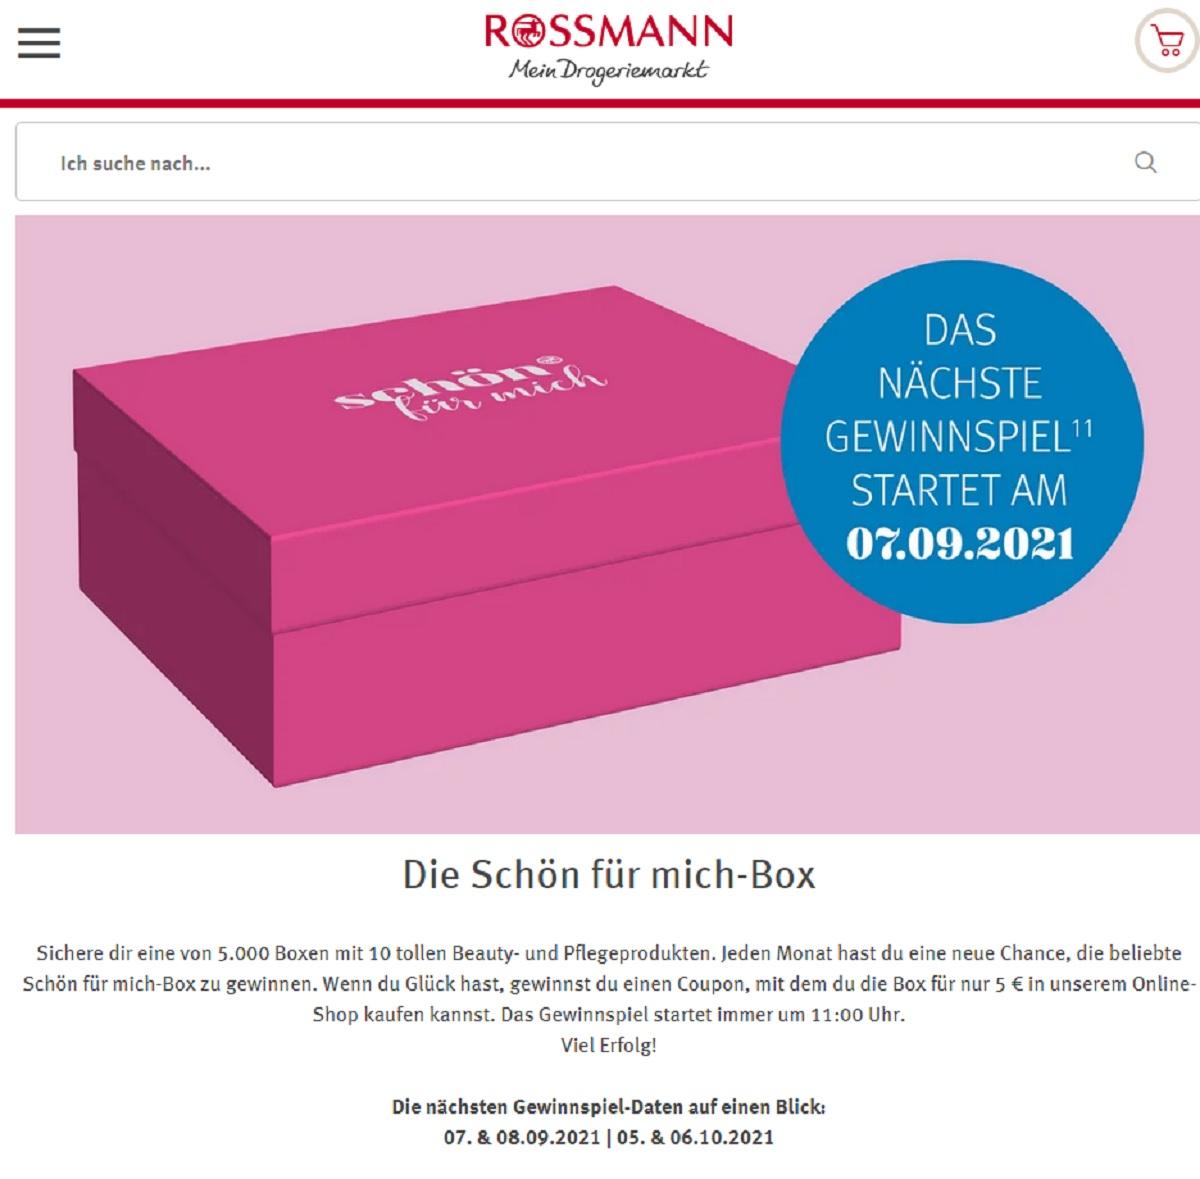 Jetzt Schön für mich-Box gewinnen: Rossmann Gewinnspiel